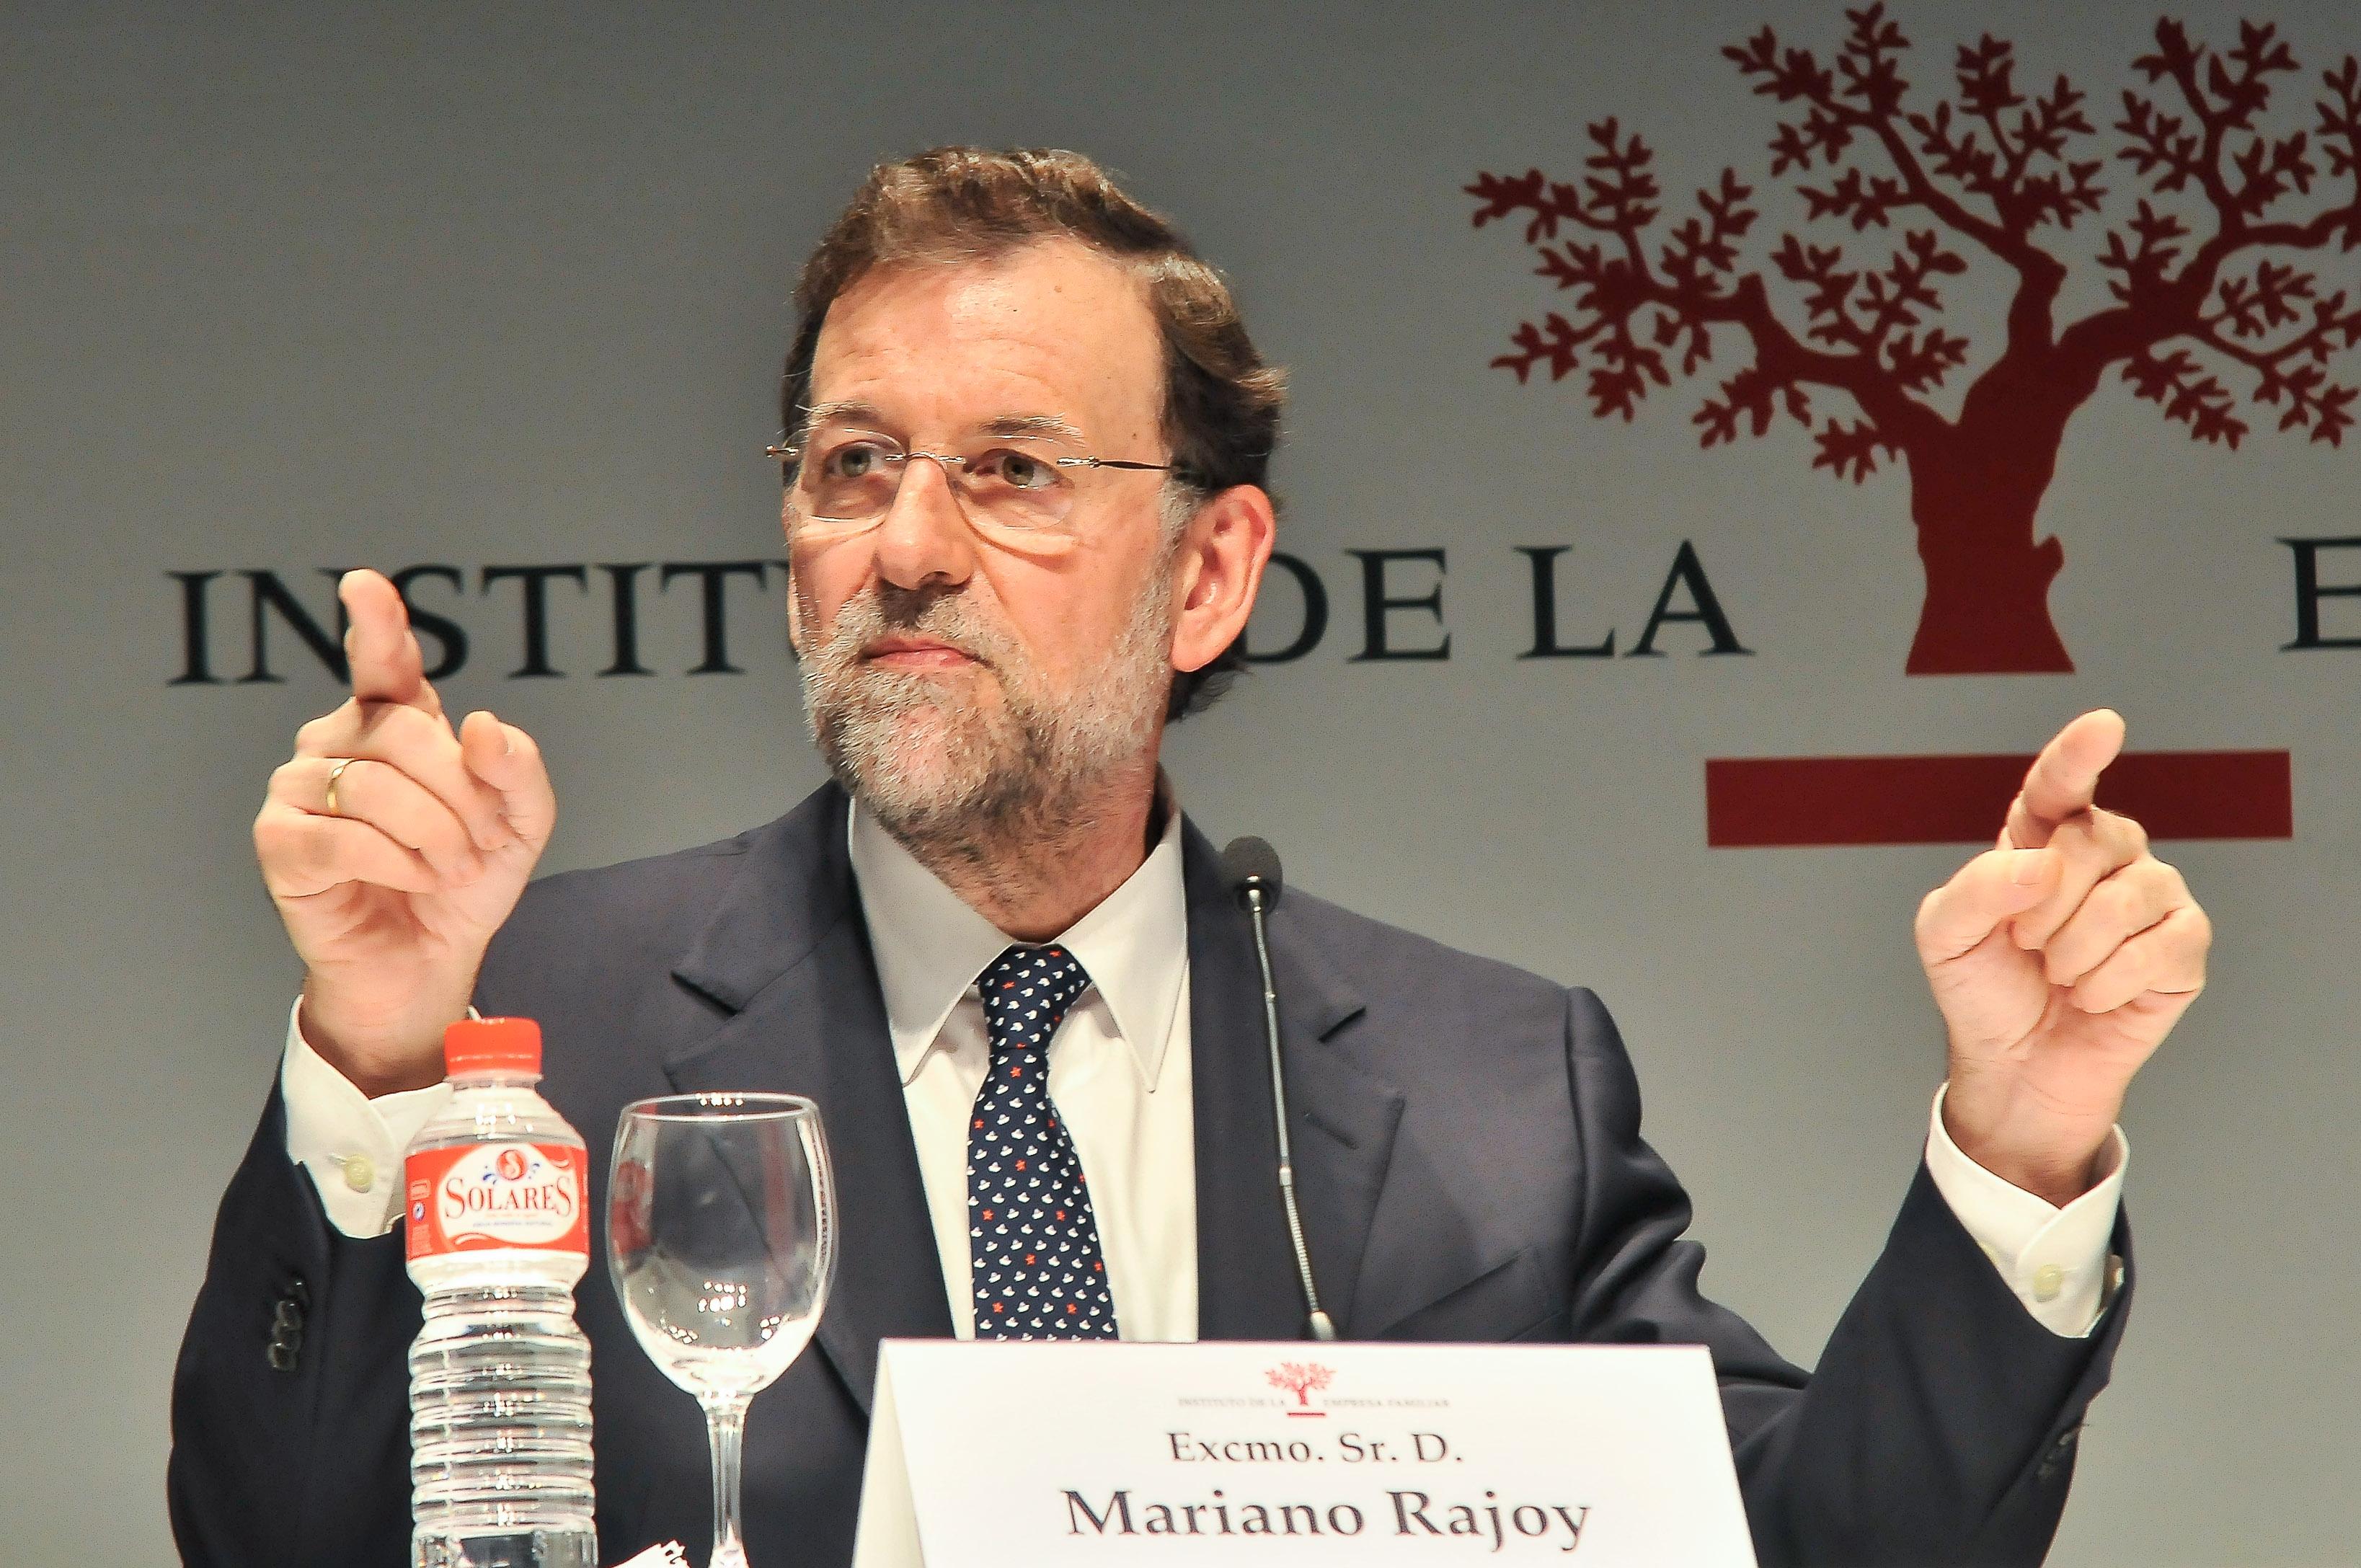 Fotografía de Mariano Rajoy Ex Presidente del Gobierno de España Jorge Zorrilla Fotógrafo Madrid